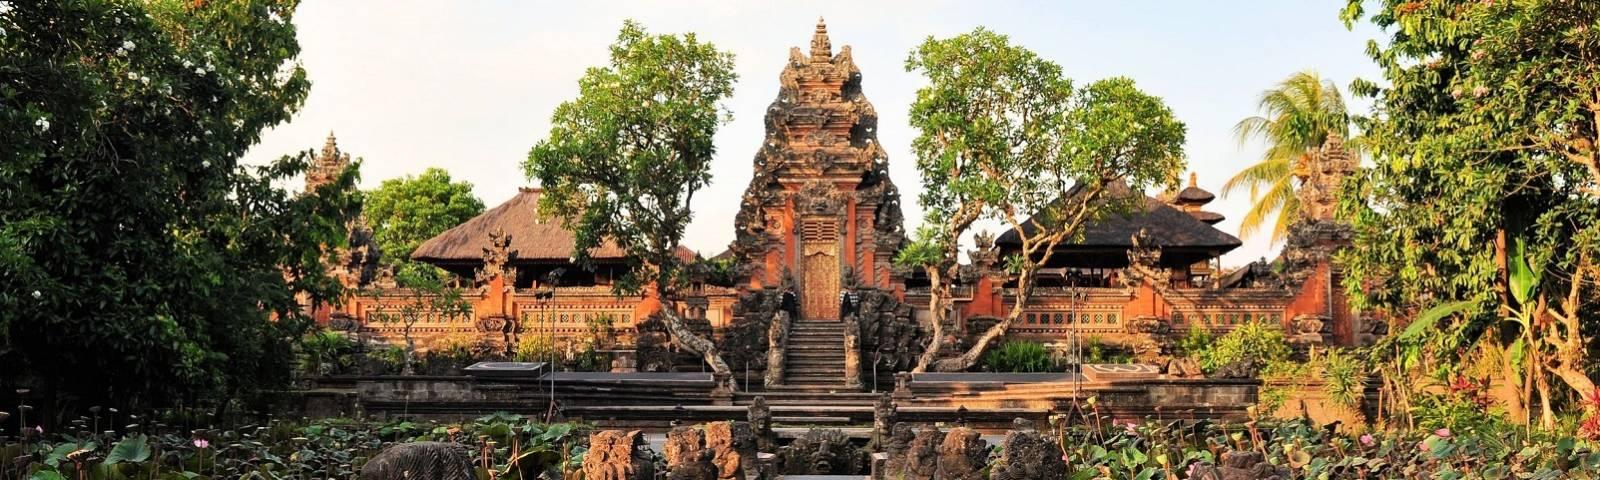 Idyllische Außenansicht des Pura Saraswati Tempels auf Bali, Indonesien